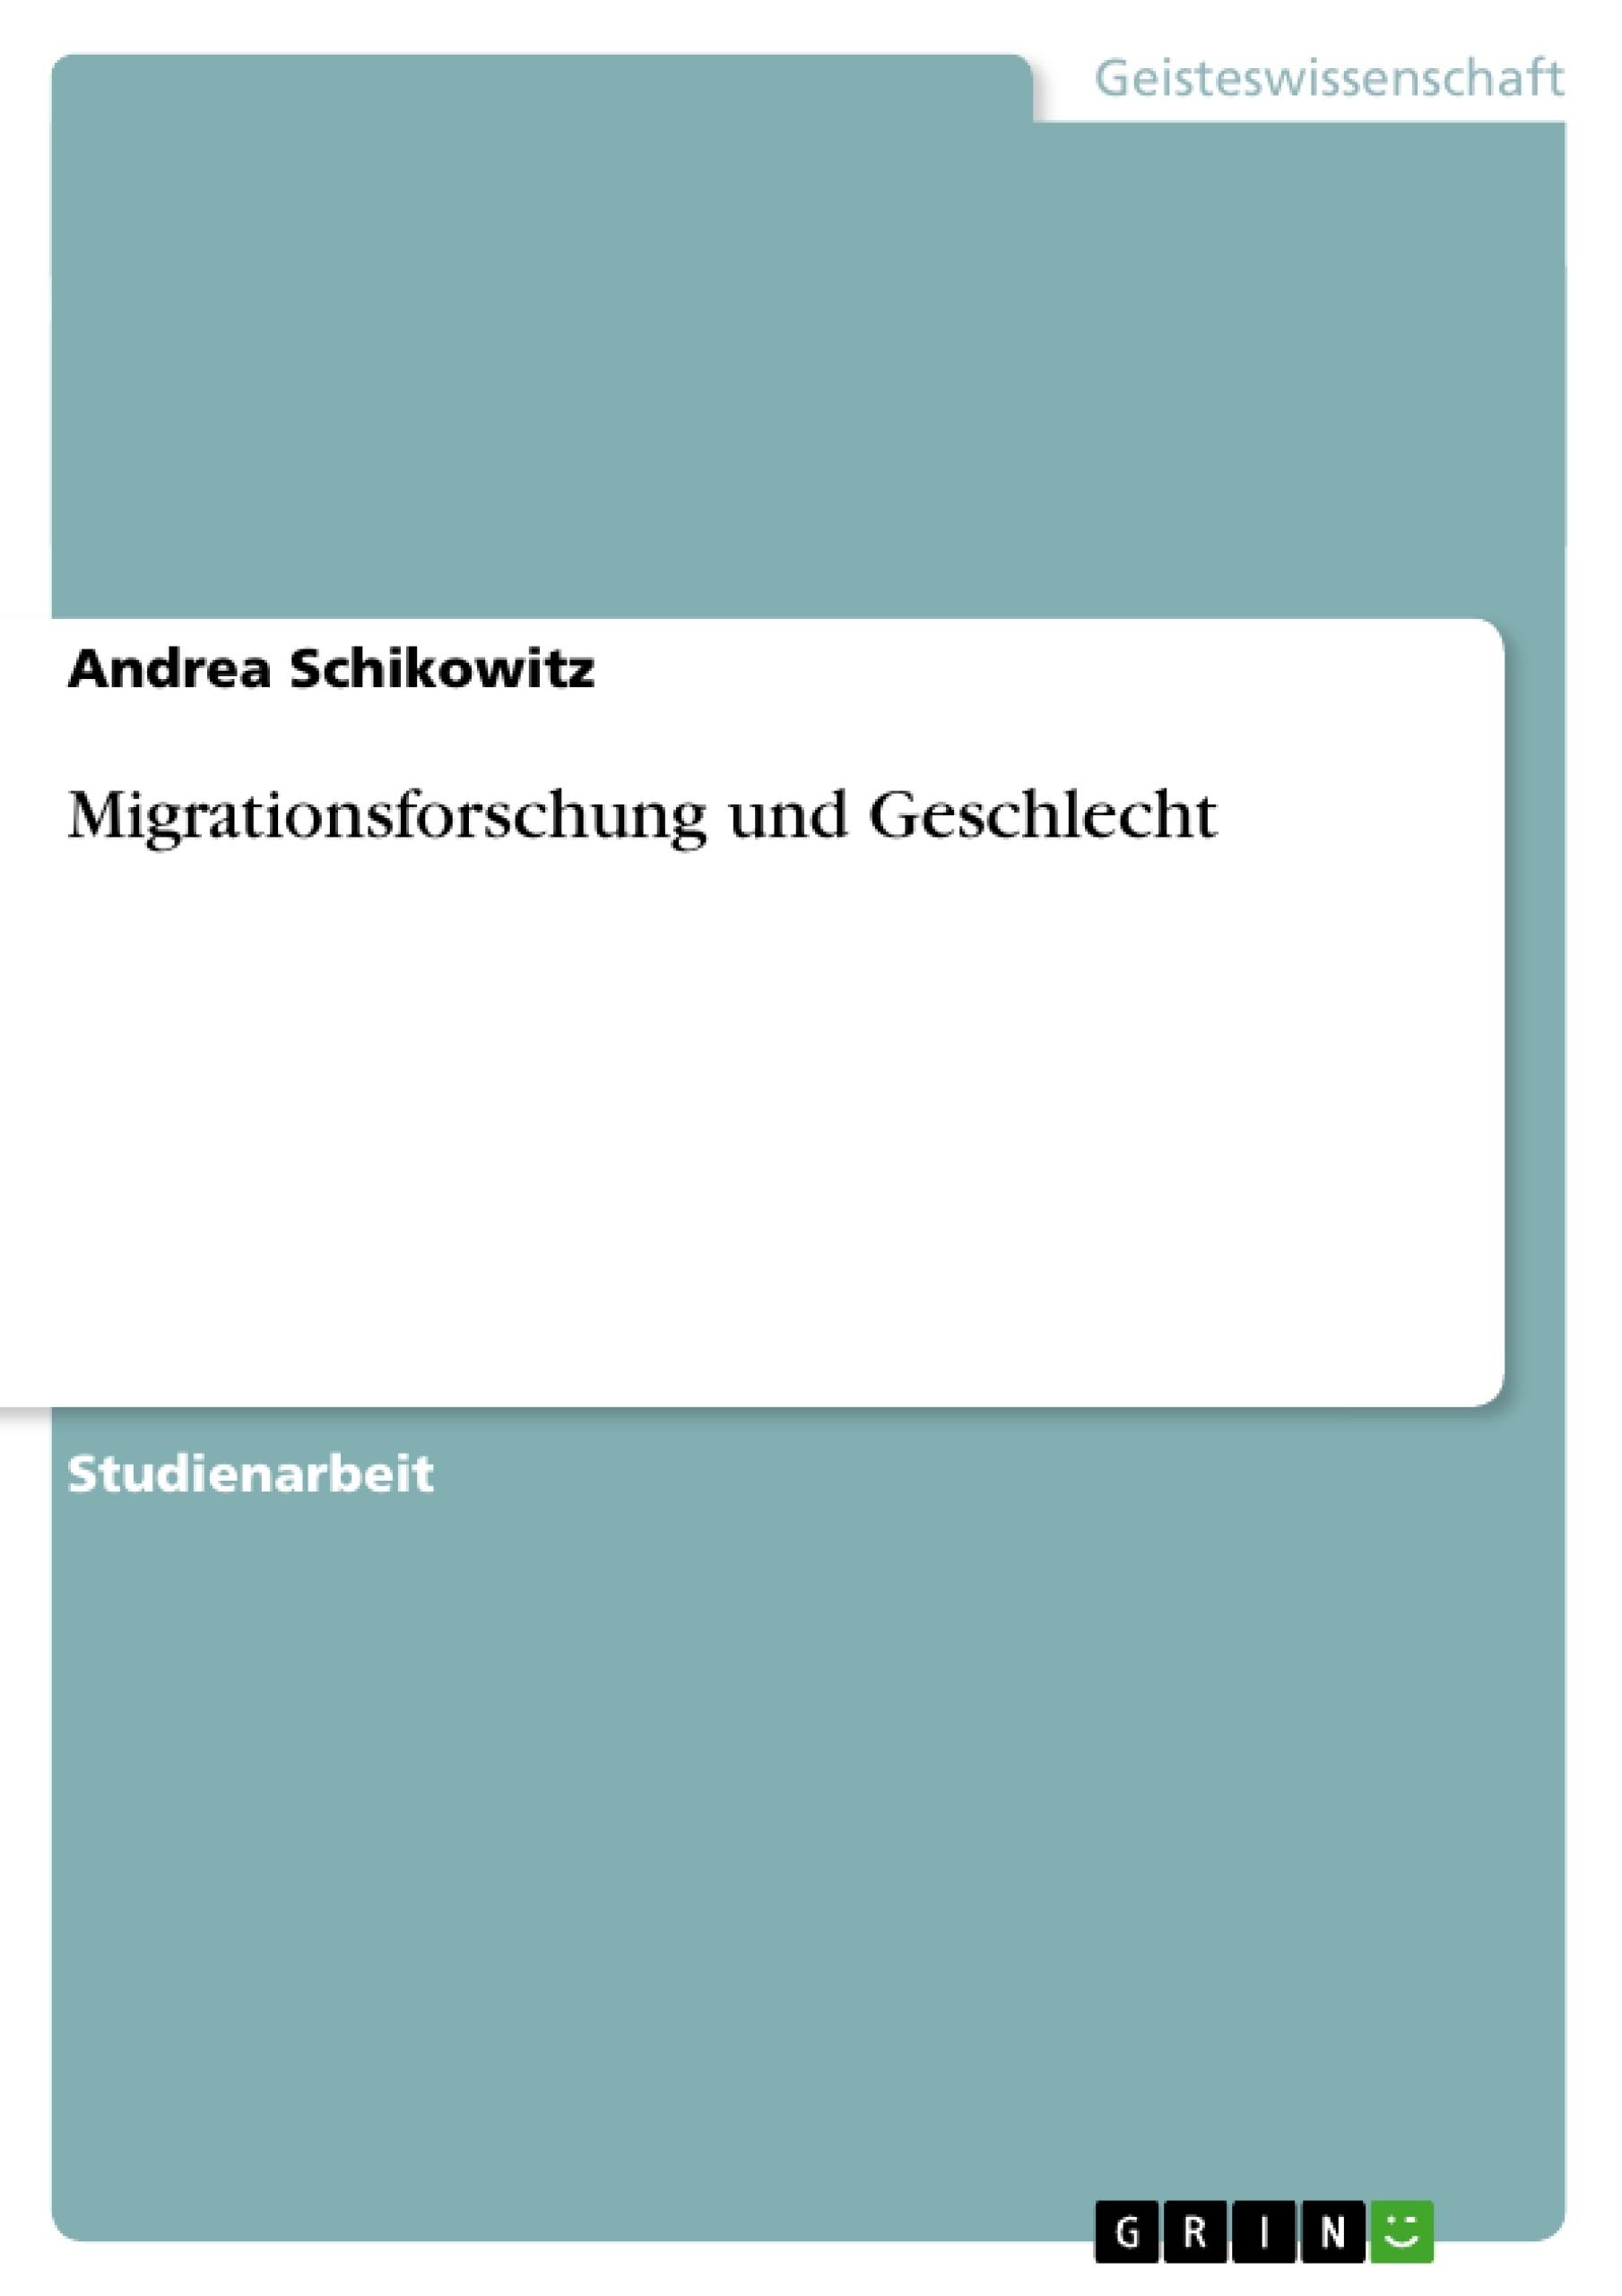 Titel: Migrationsforschung und Geschlecht